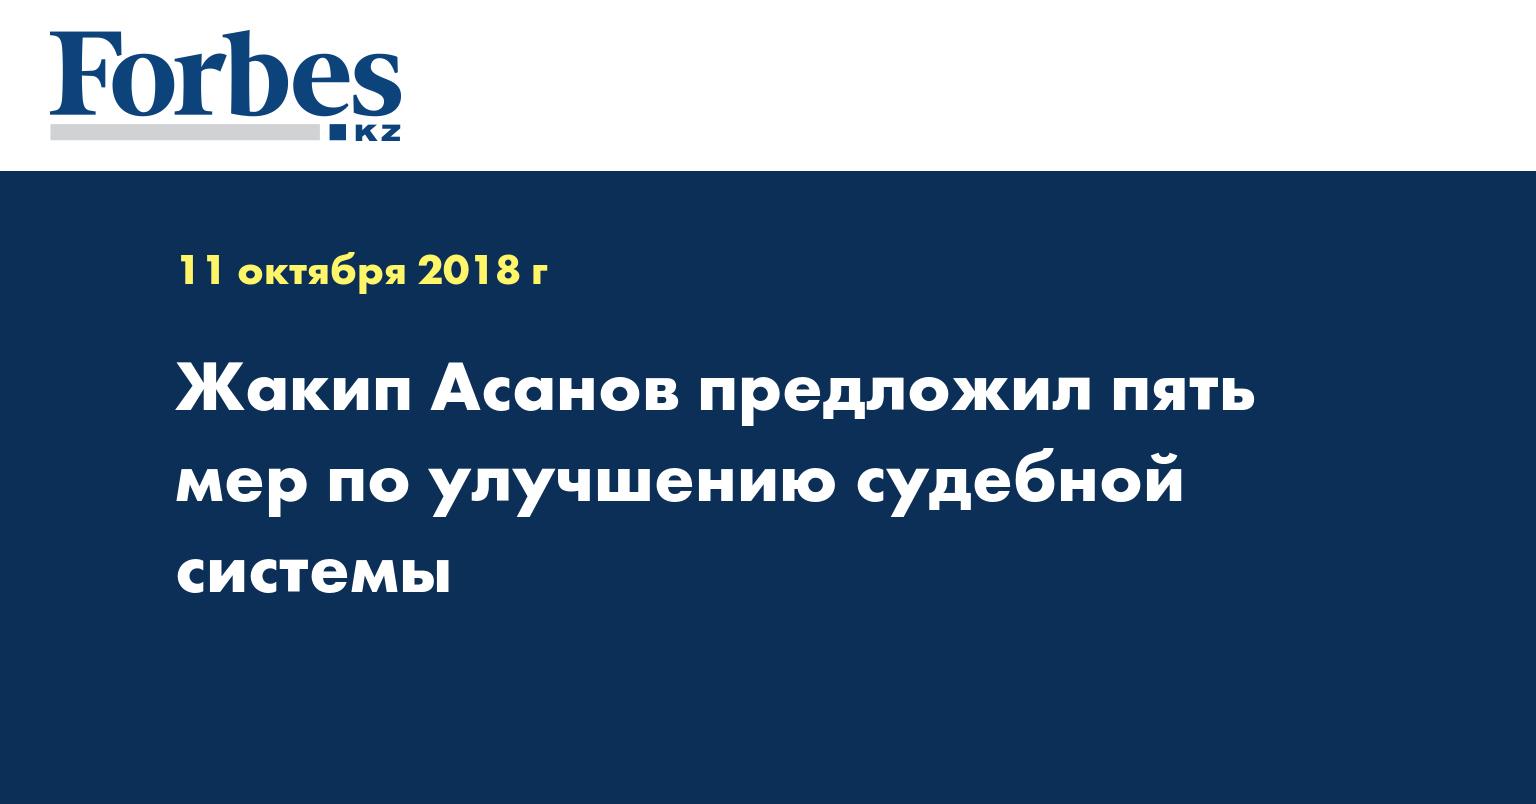 Жакип Асанов предложил пять мер по улучшению судебной системы